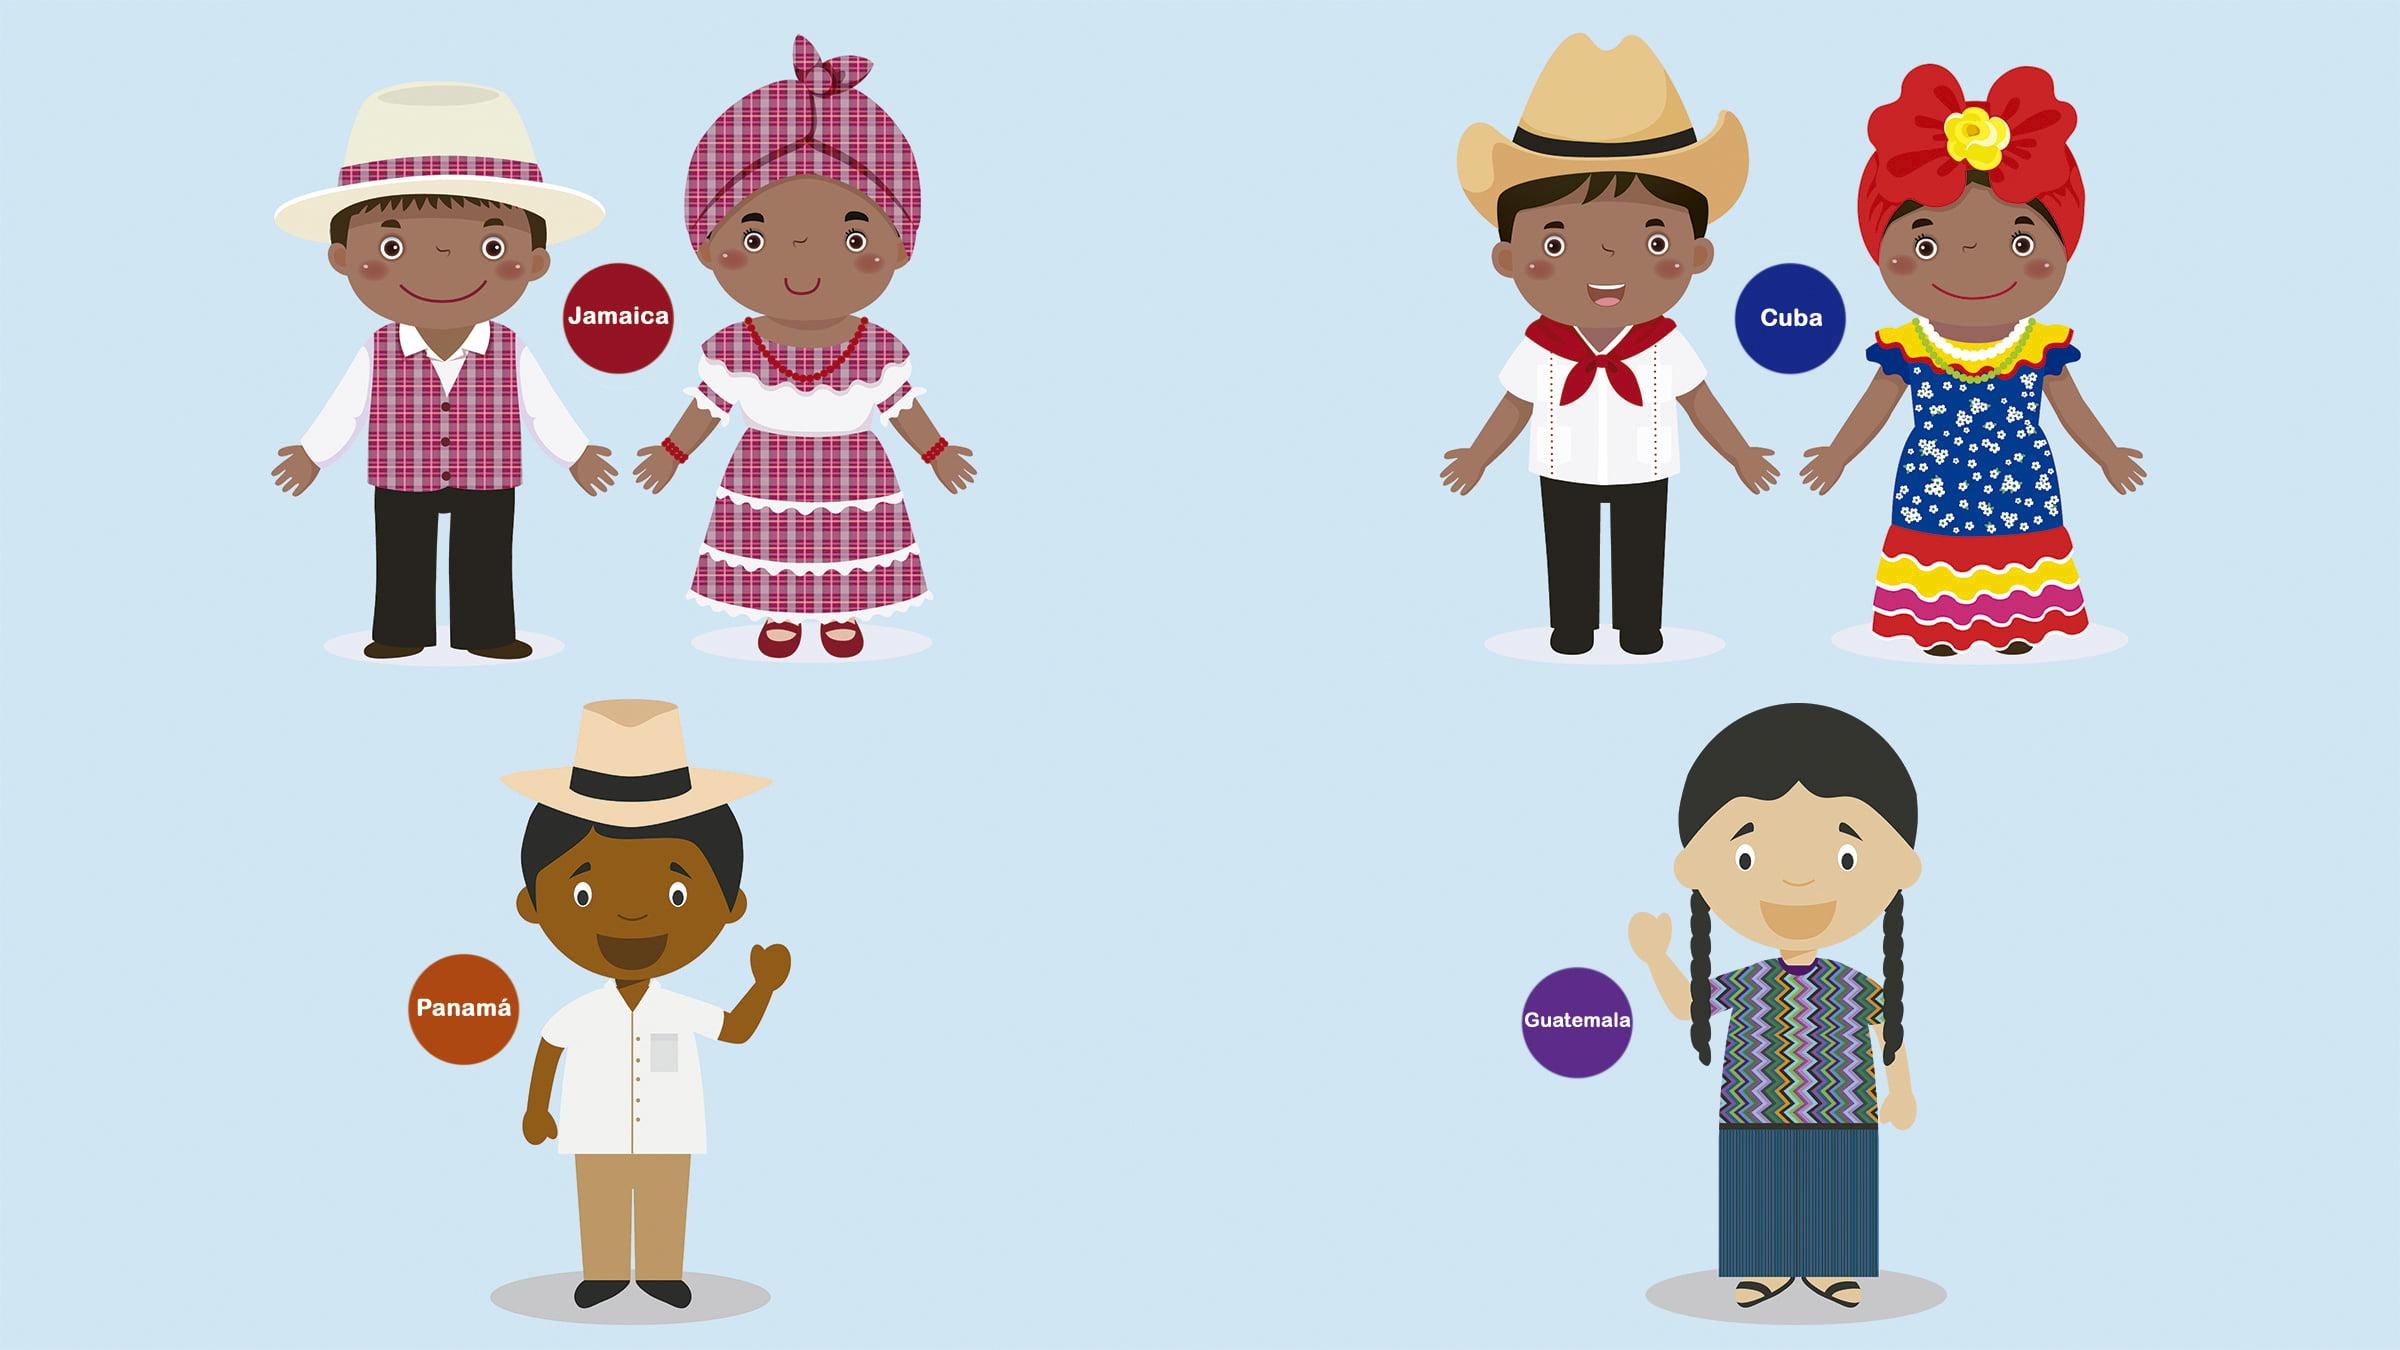 Dibujos de trajes tpicos de Centroamrica y Amrica insular